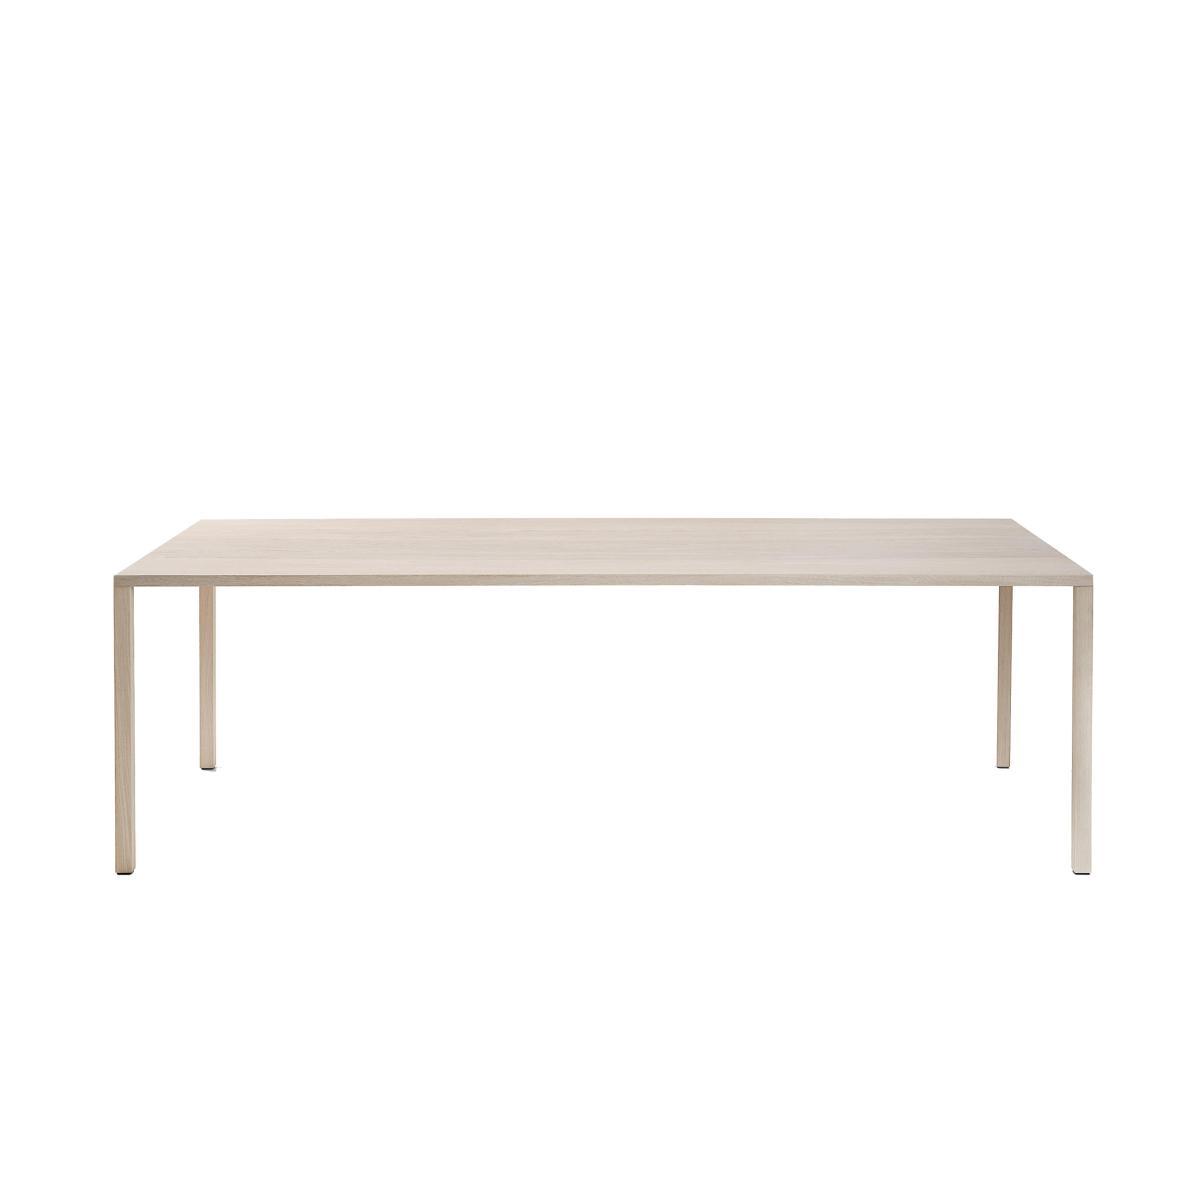 SLIC Tisch Eiche weiß